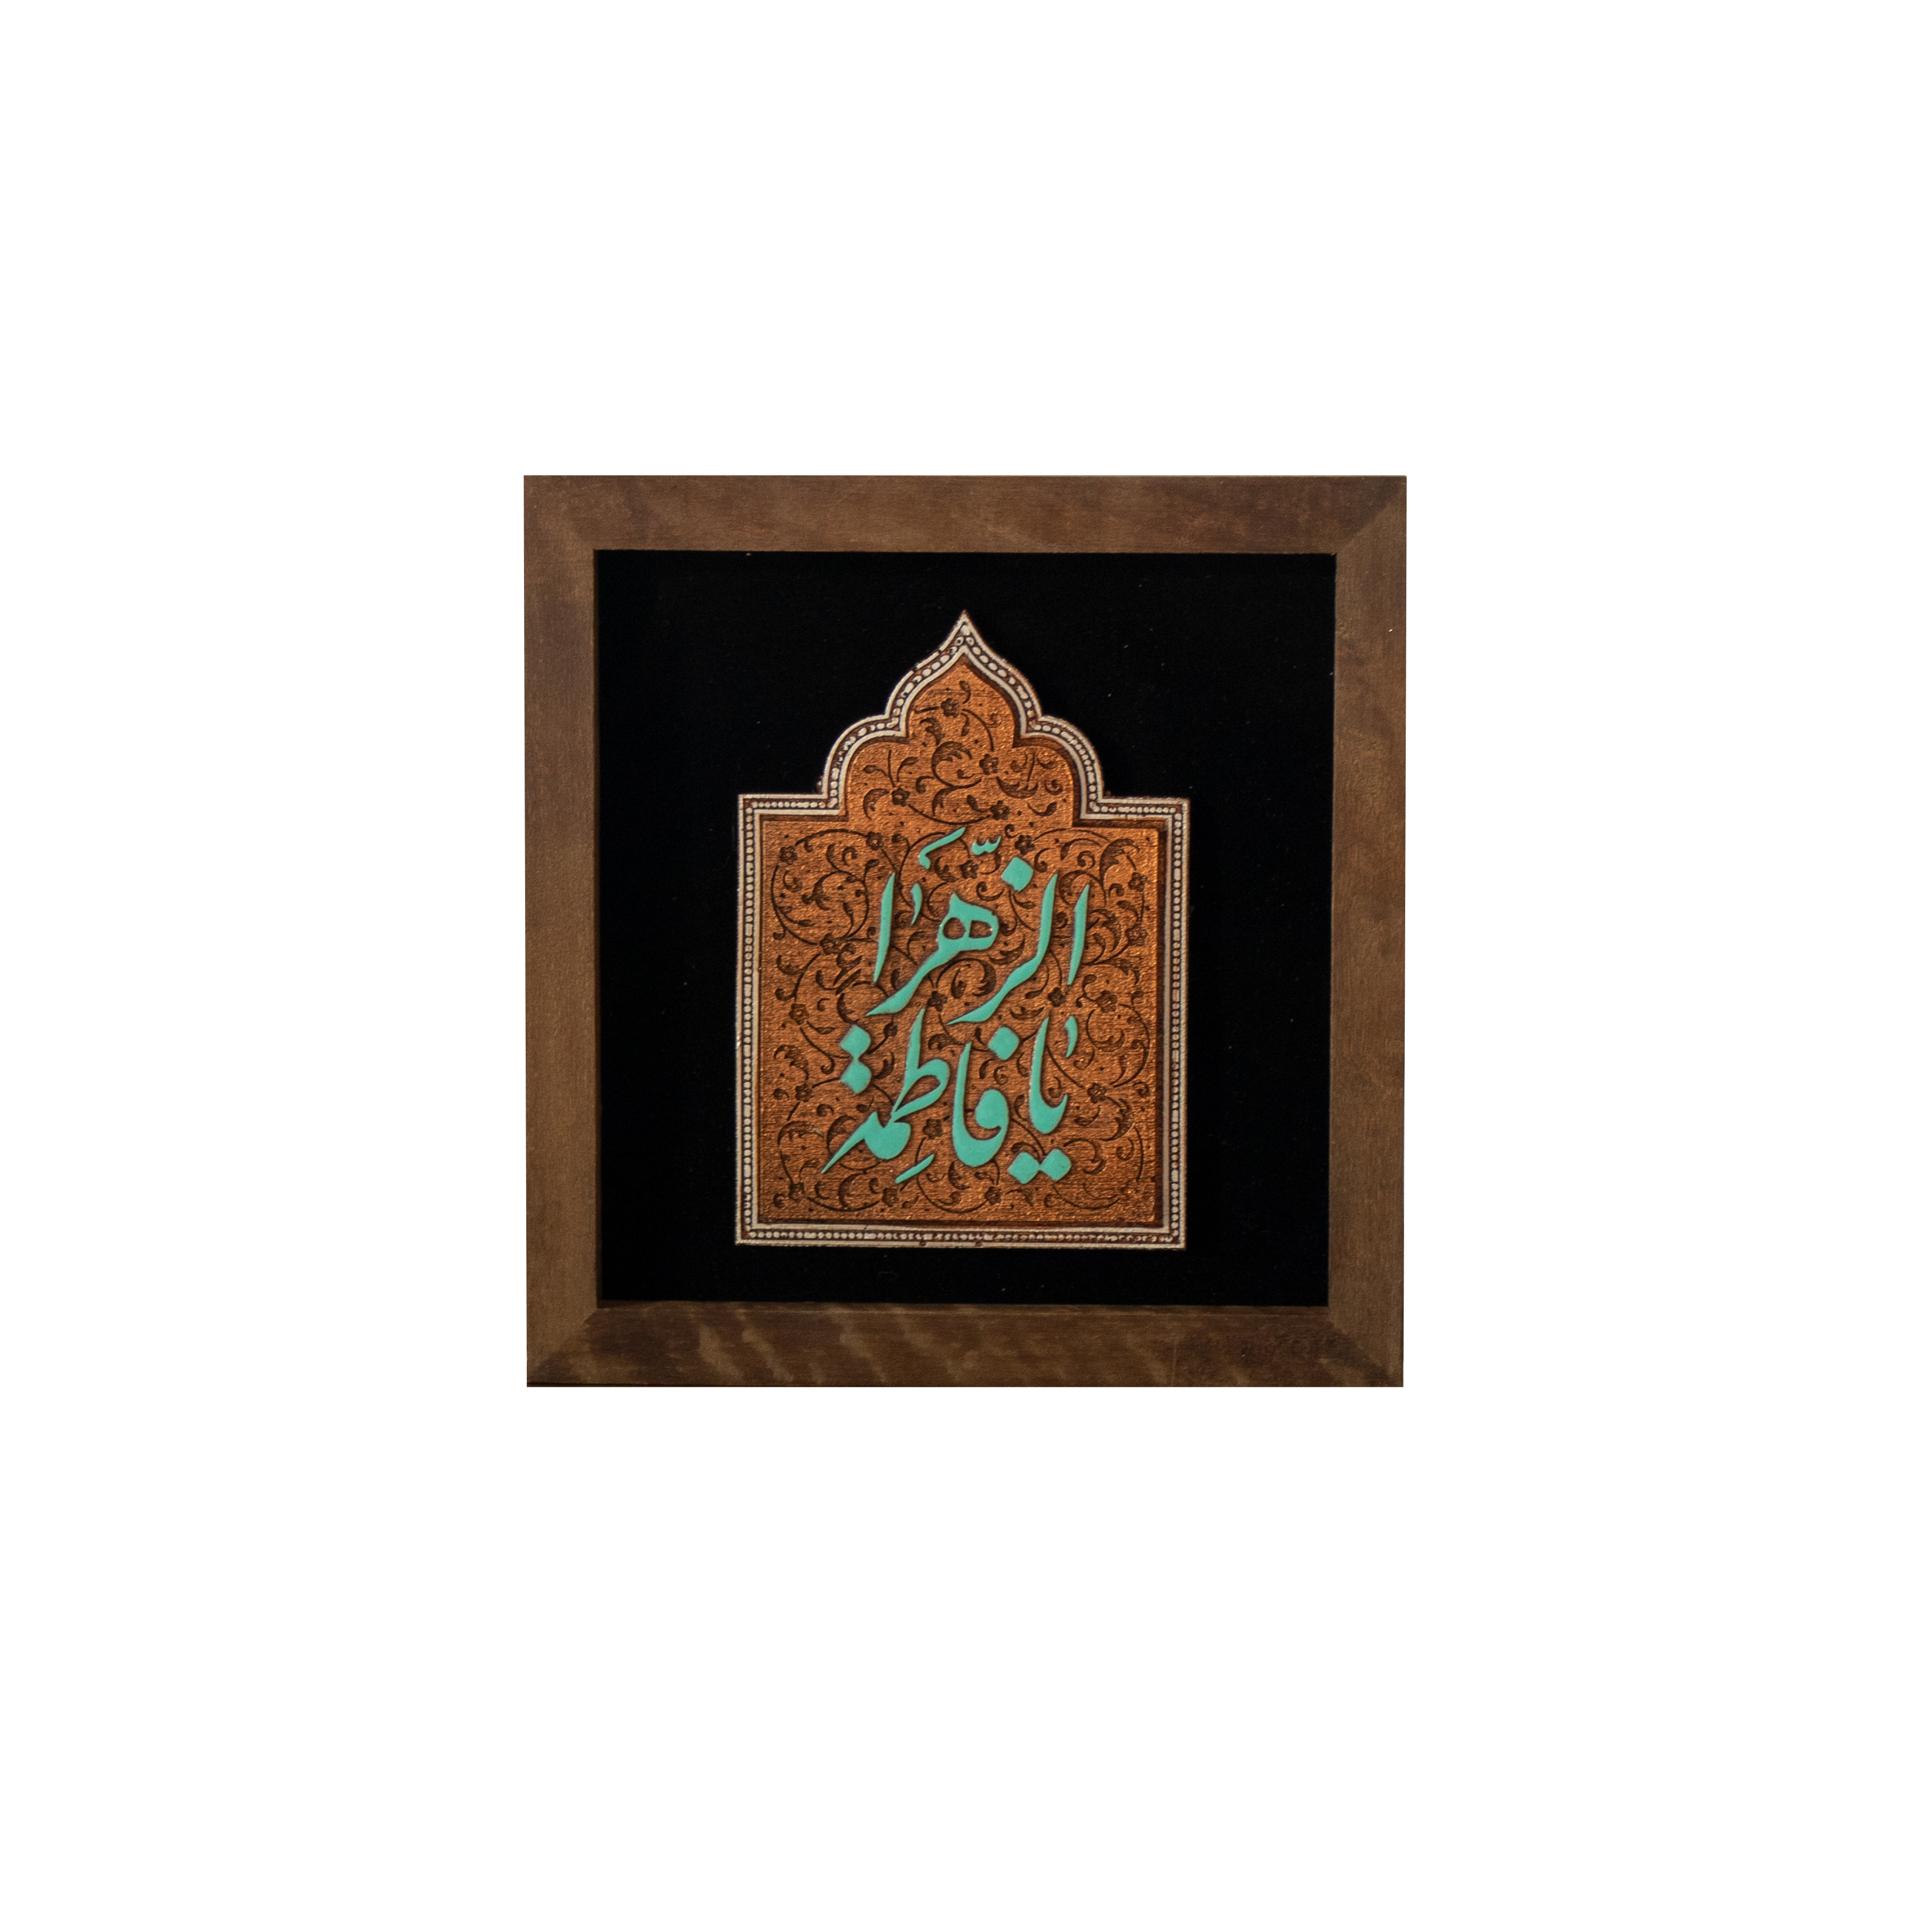 تصویر از قاب جانان / نقش محراب حضرت فاطمه الزهرا(س)